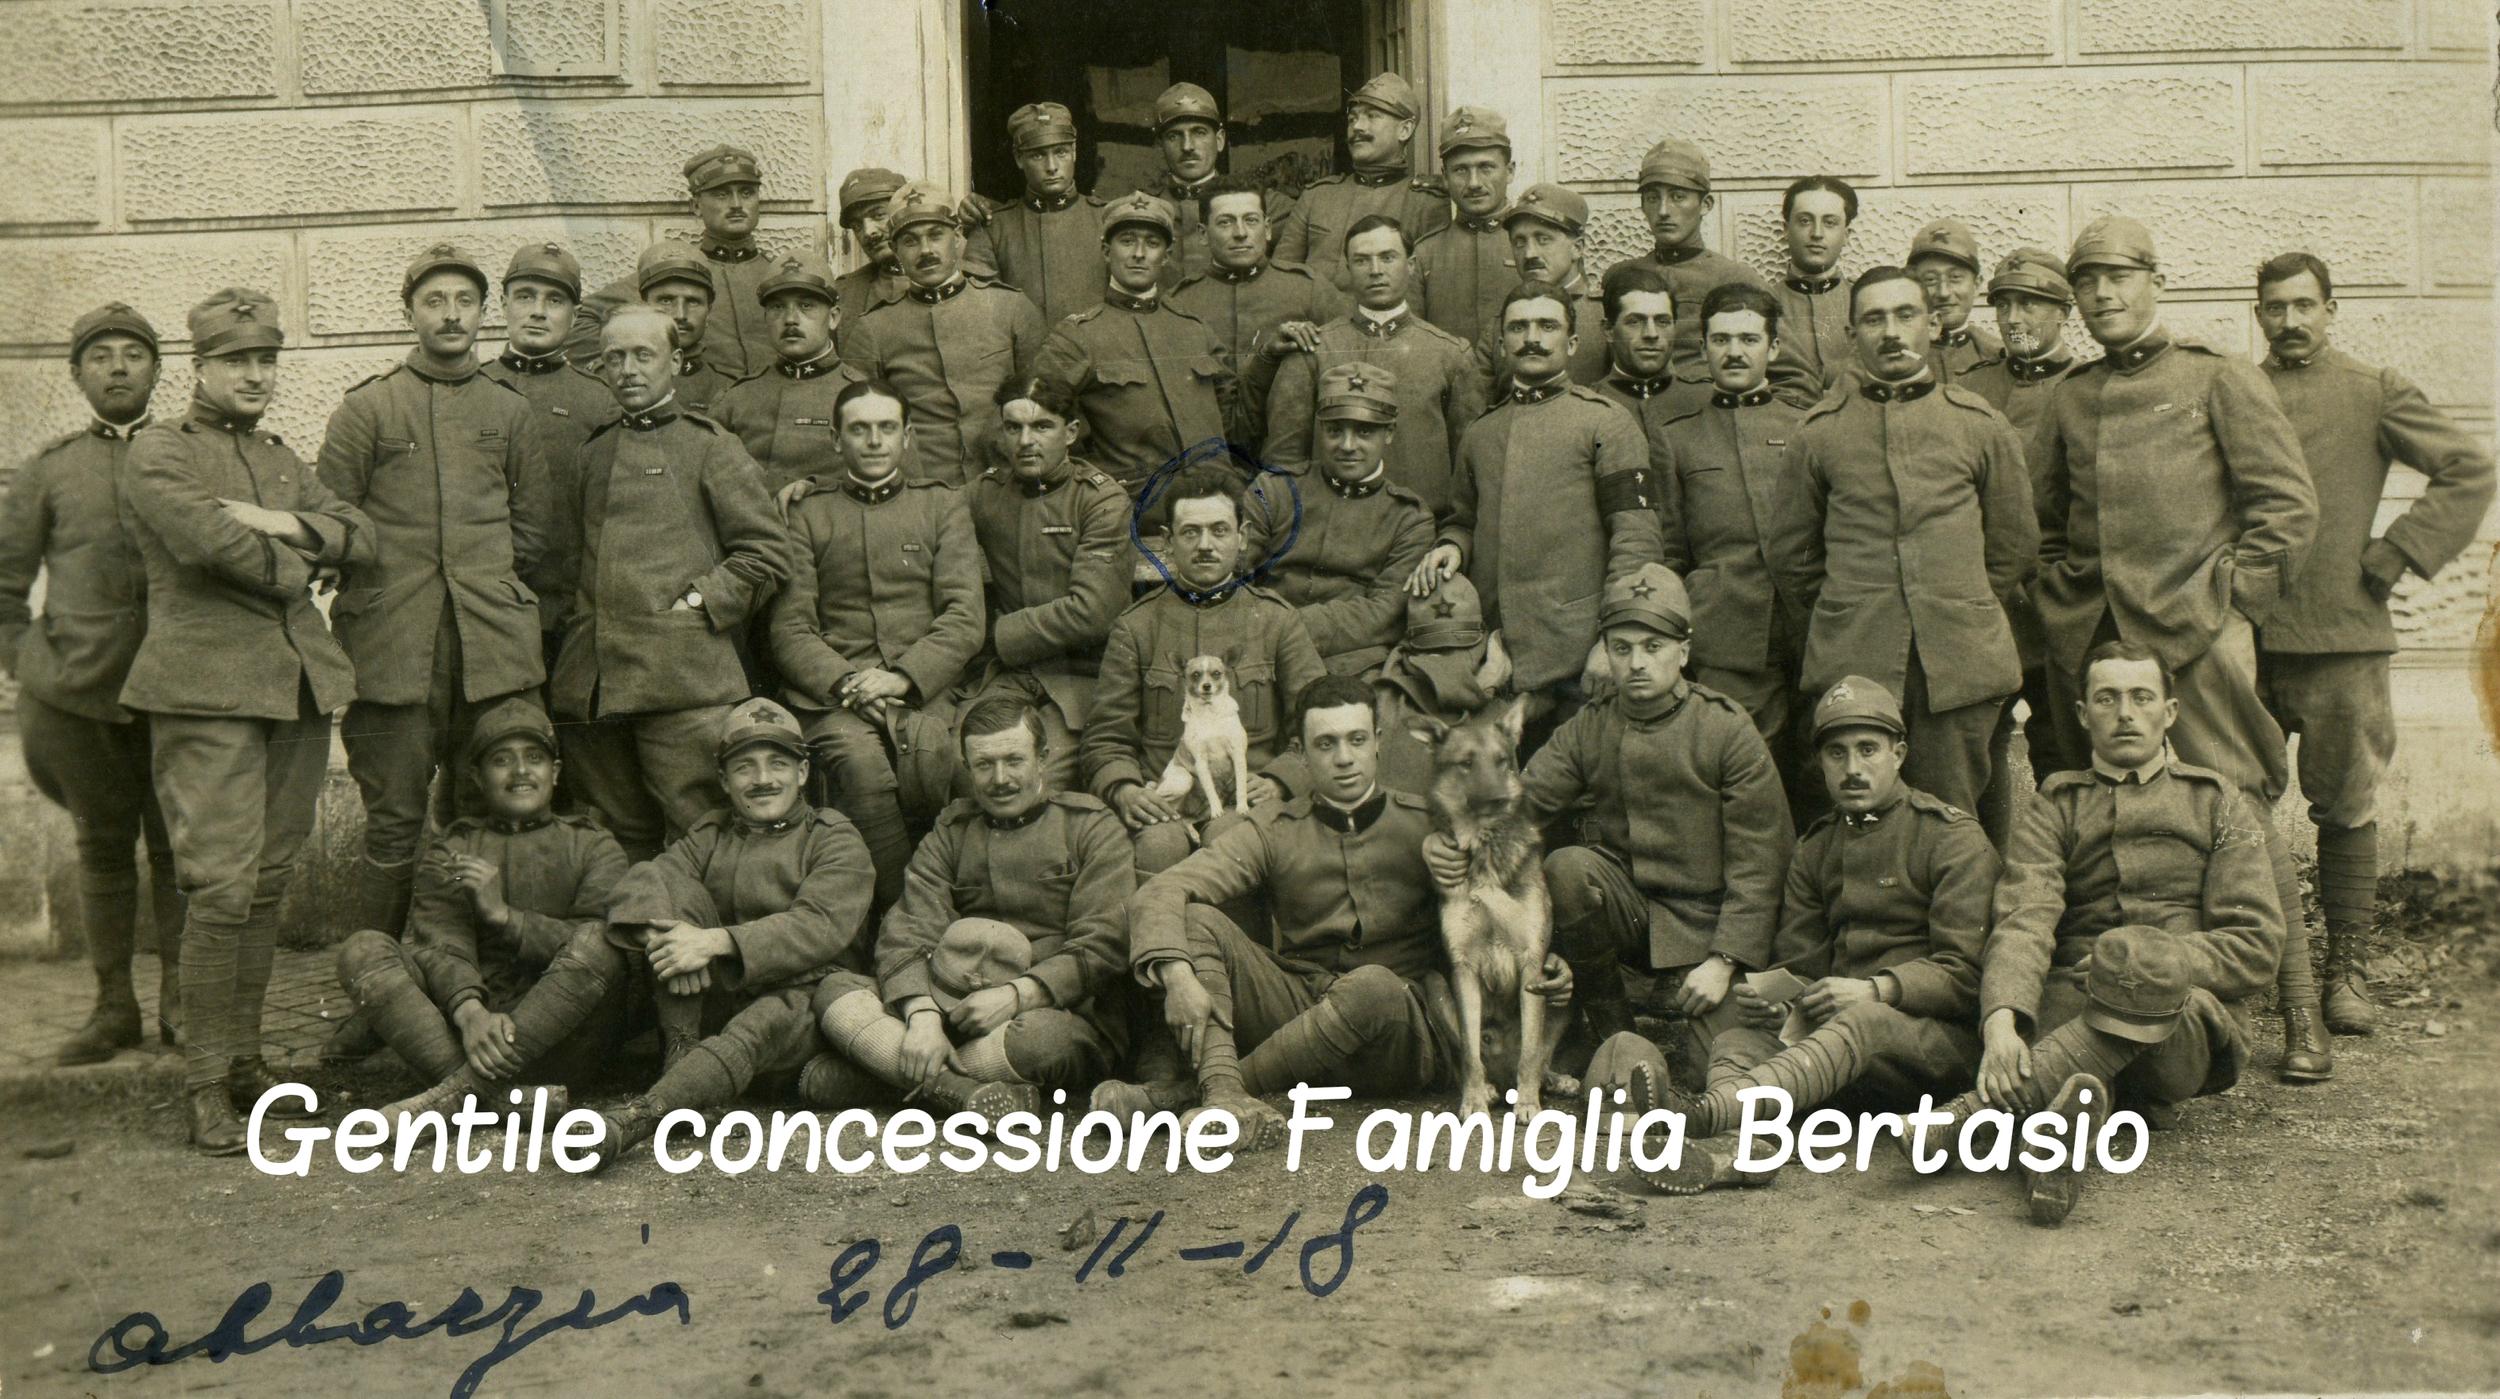 Gli uomini dell'86° Autodrappello del XXVI Corpo d'Armata. Al centro, con la sua inseparabile mascotte, il Sergente Abramo Bertasio